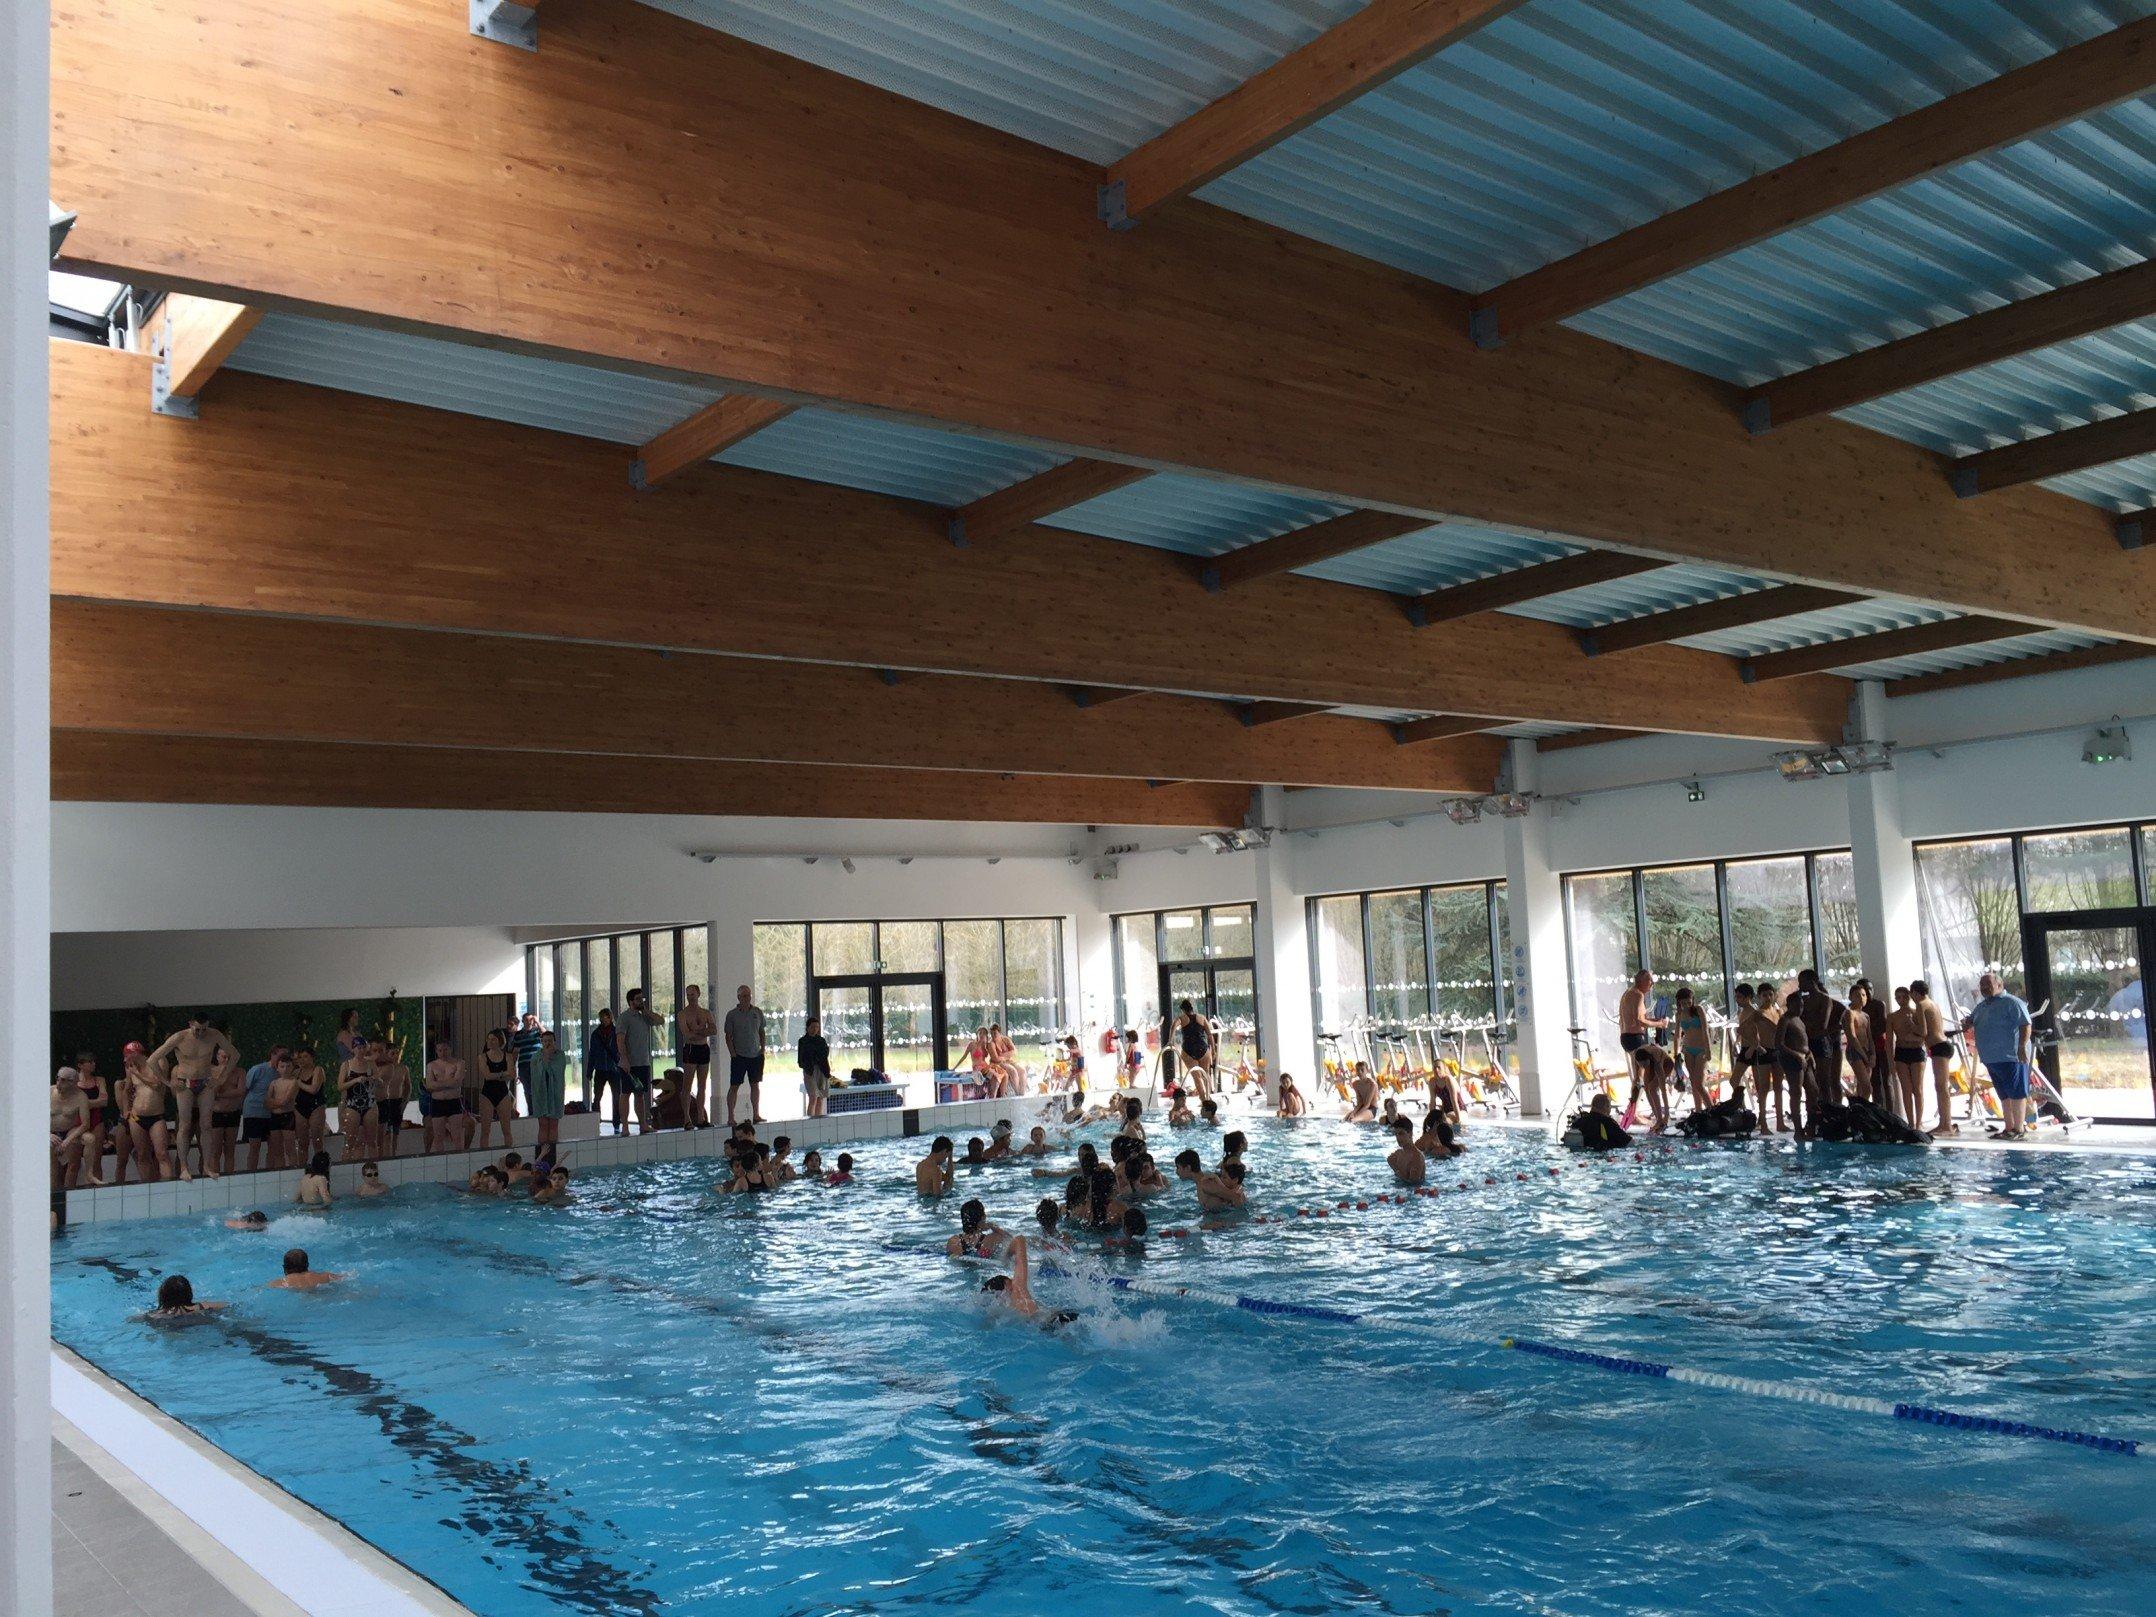 La nouvelle piscine l obraysie s ouvre au public pour for Piscine de checy